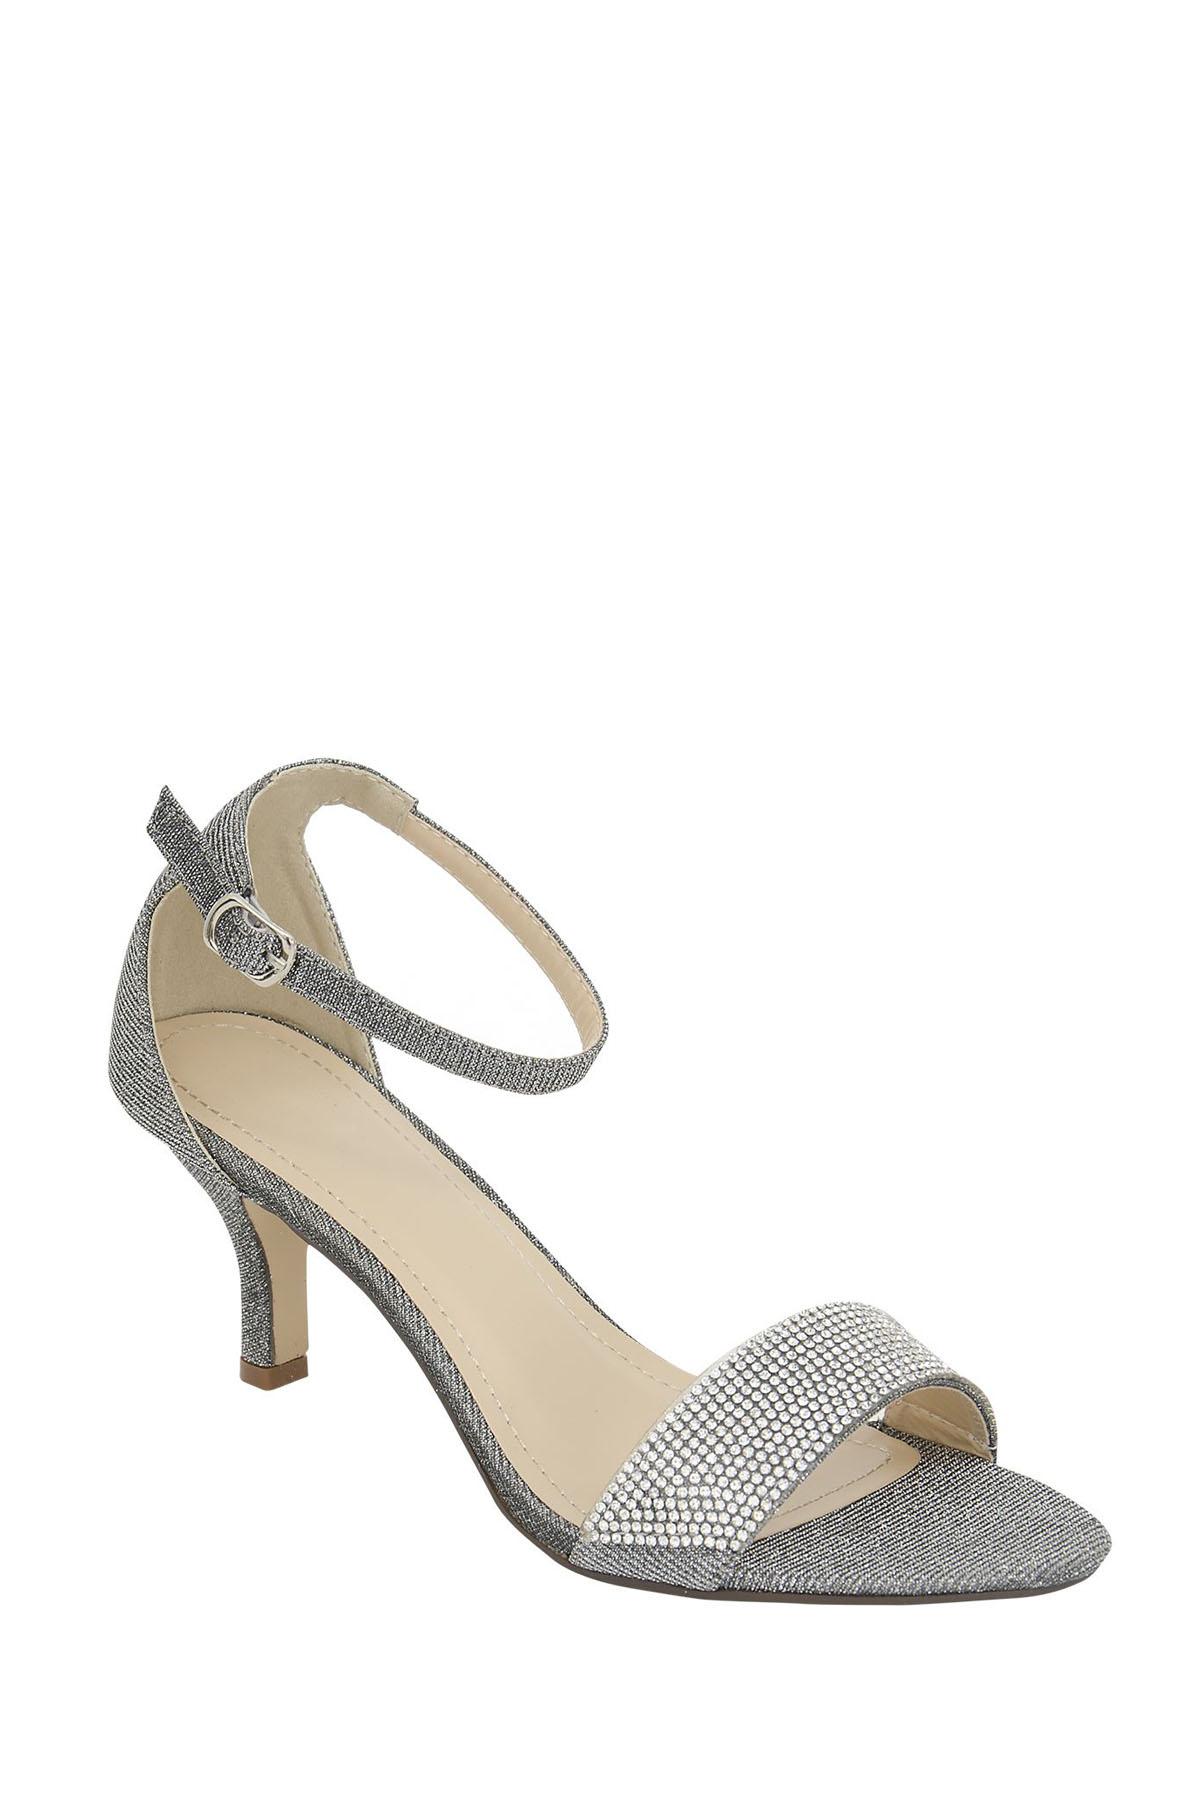 Diamante Kitten Heel Shoes